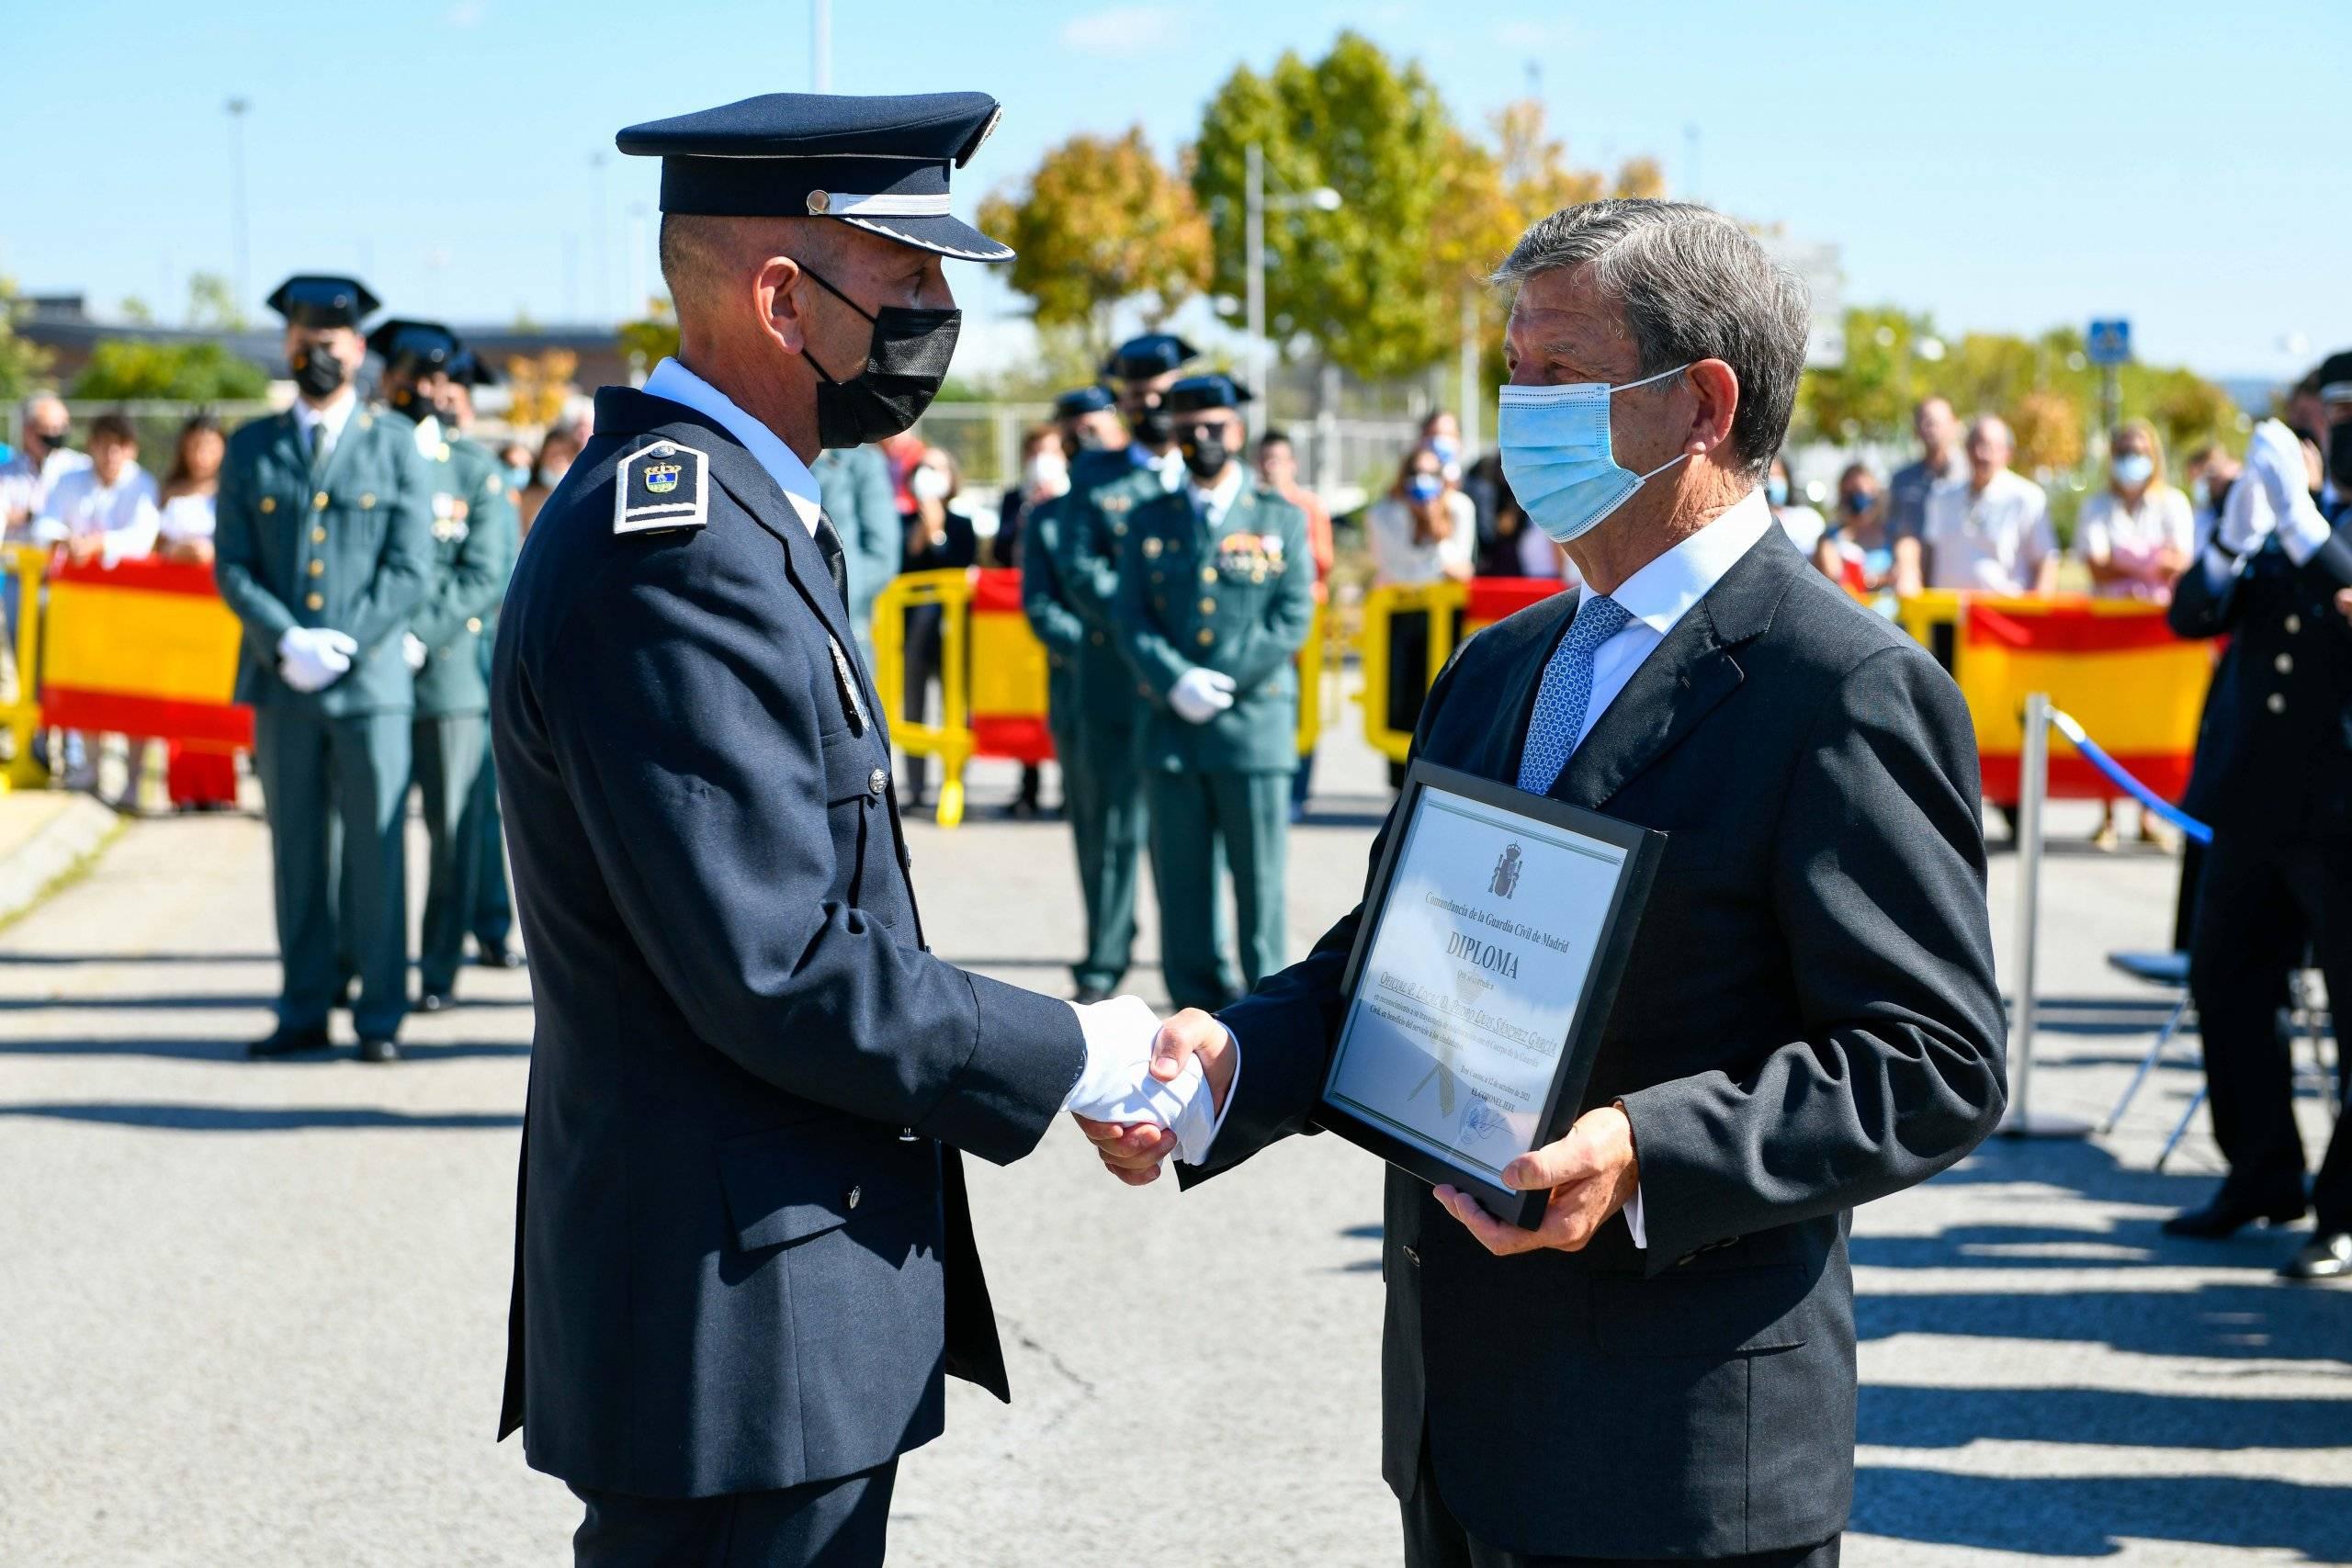 El alcalde entrega un diploma a uno de los policías locales galardonados por la Guardia Civil.